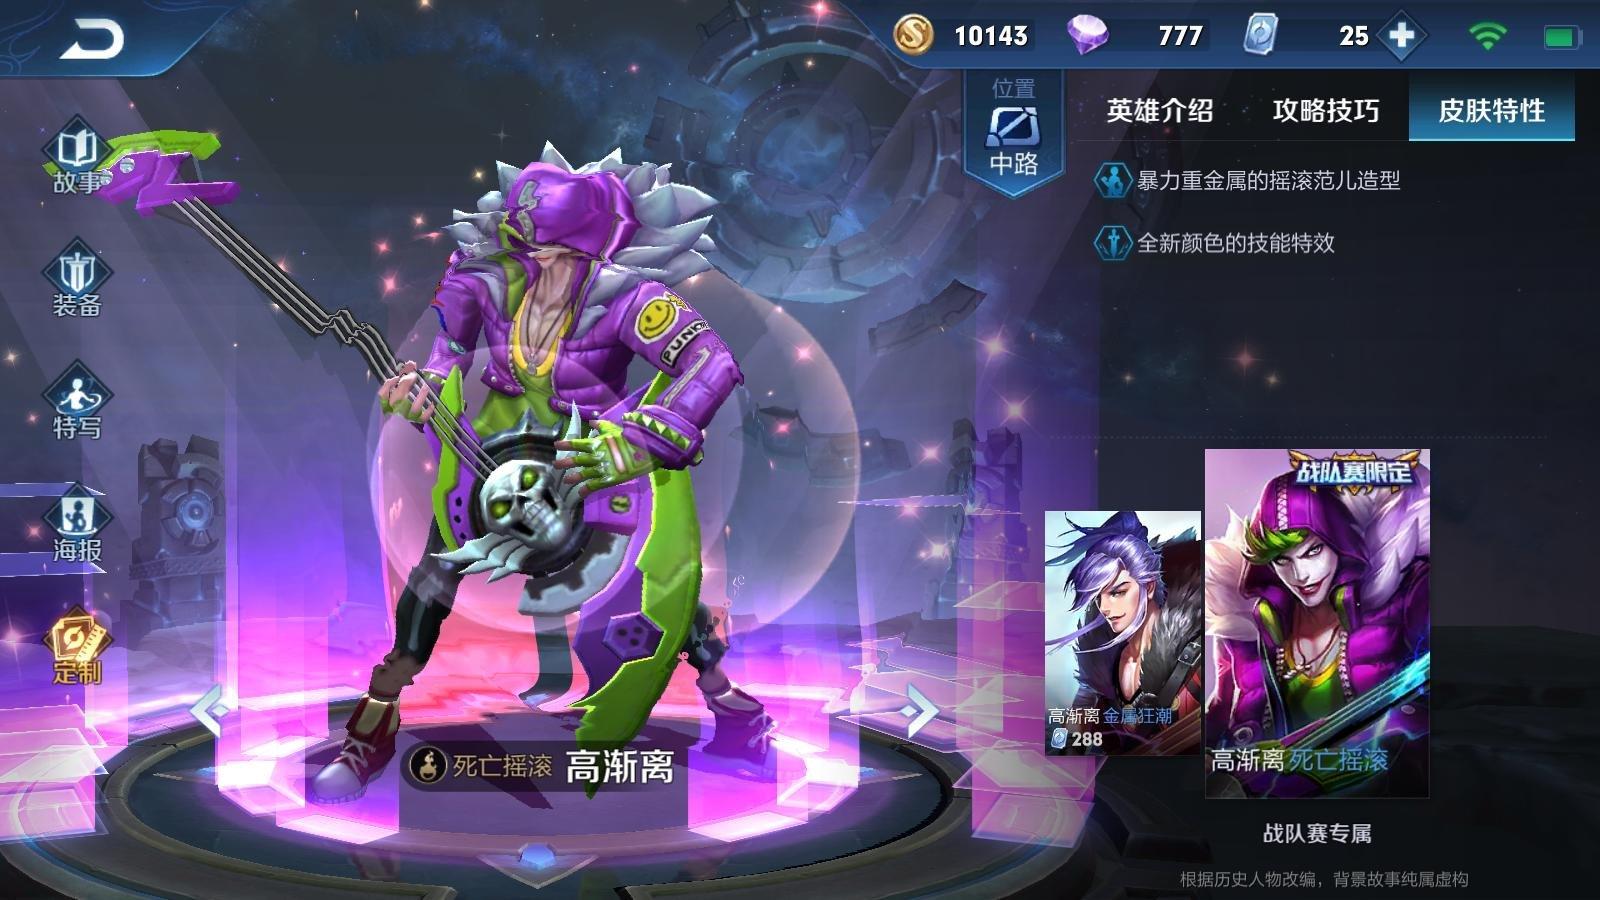 王者荣耀瑶搭配哪个英雄好,实用小技巧!